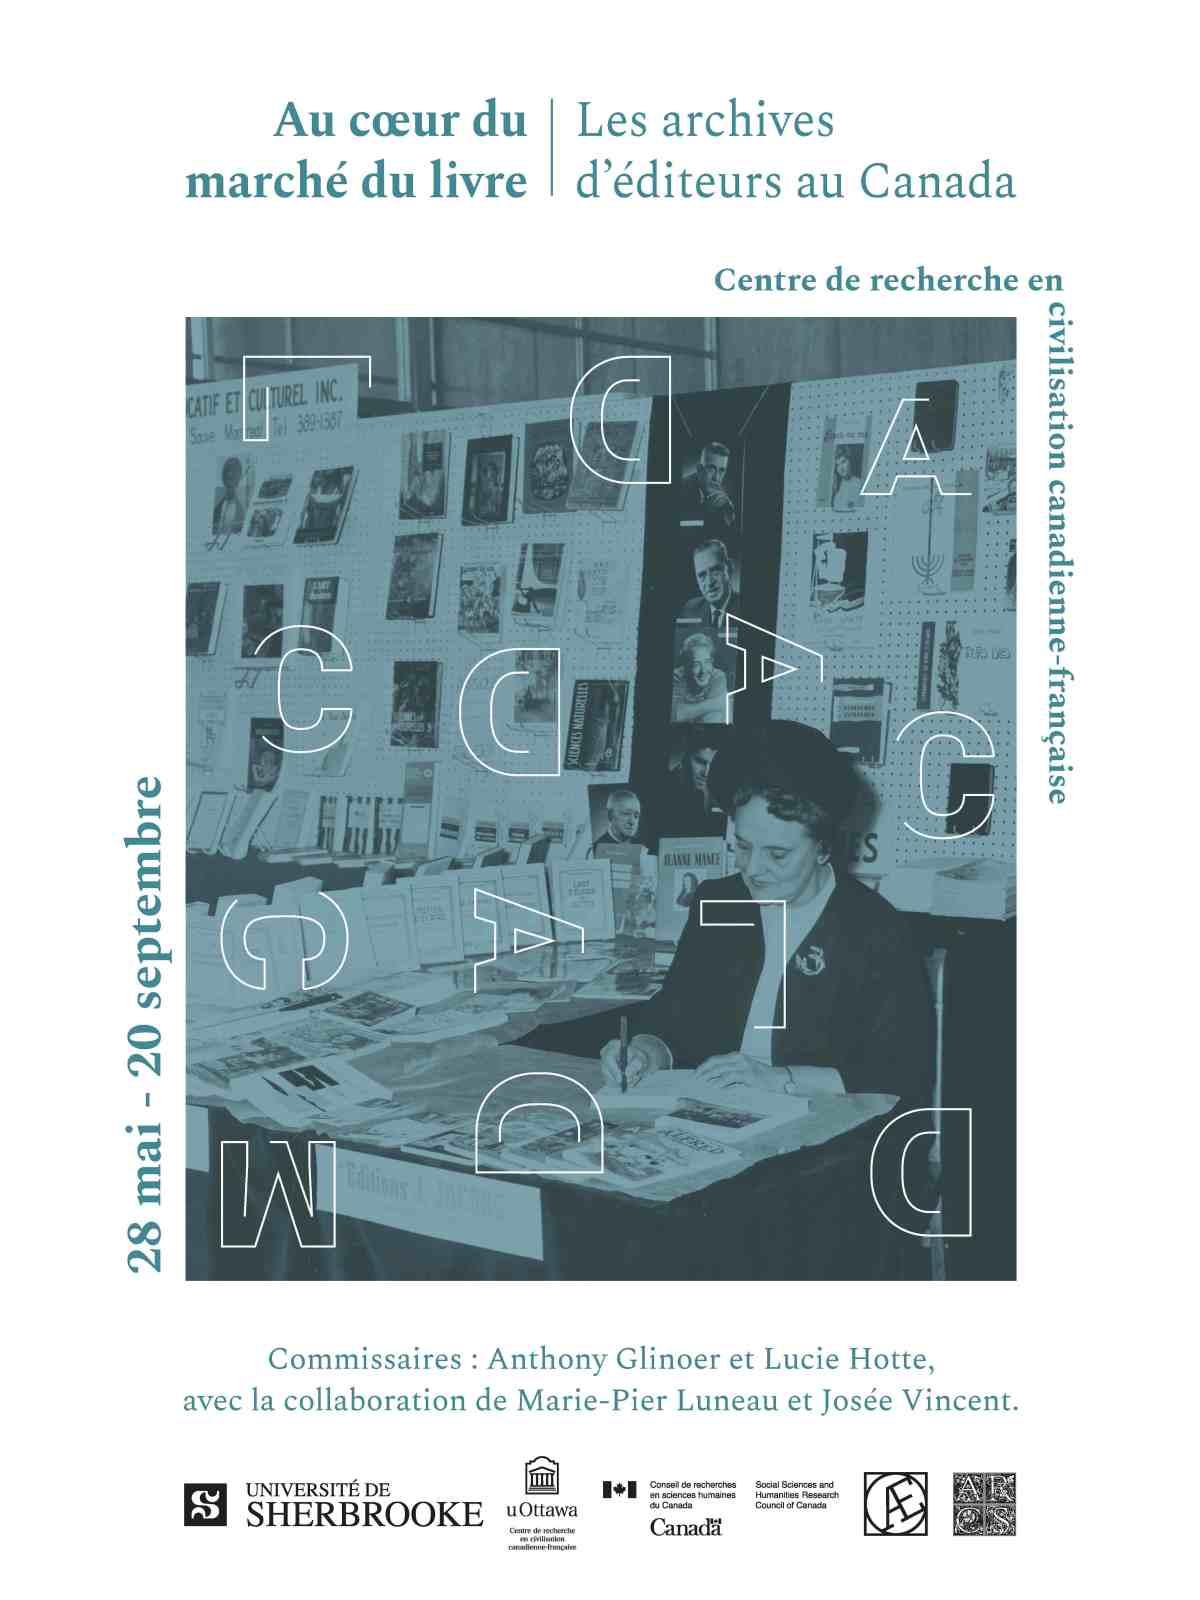 Au cœur du marché du livre : les archives d'éditeurs au Canada (Université d'Ottawa)